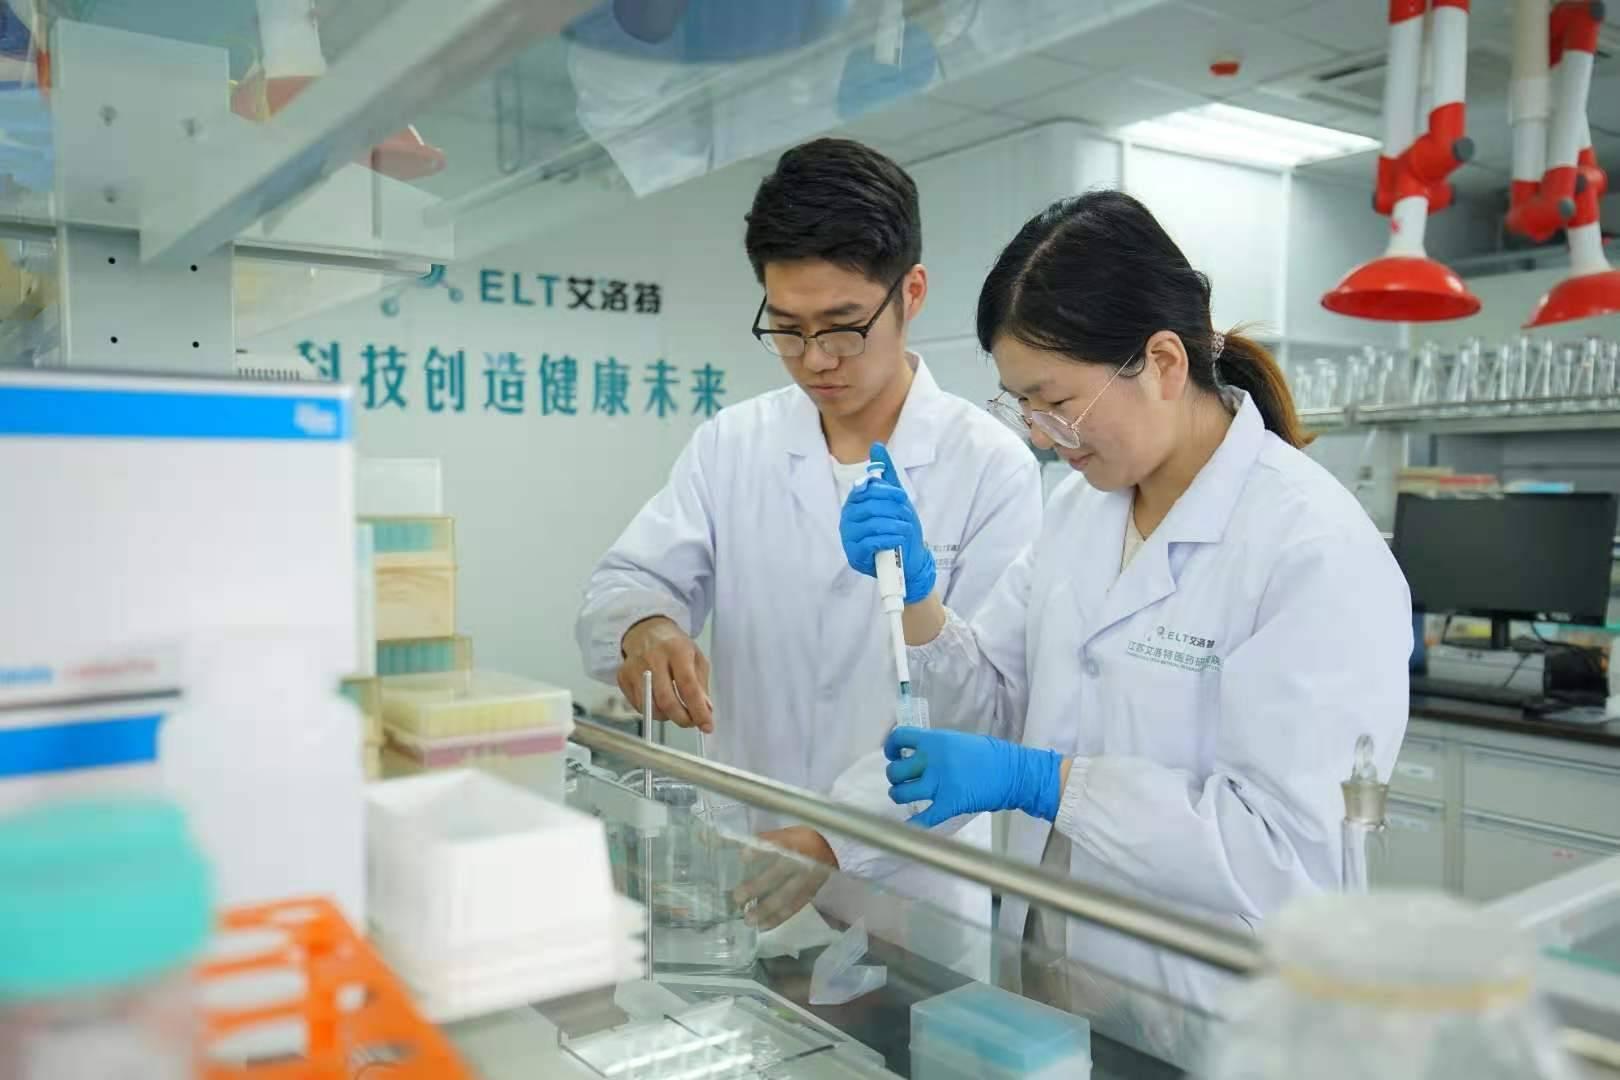 江苏艾洛特医药研究院里,工作人员正在做测试。南报融媒体记者 毛庆摄